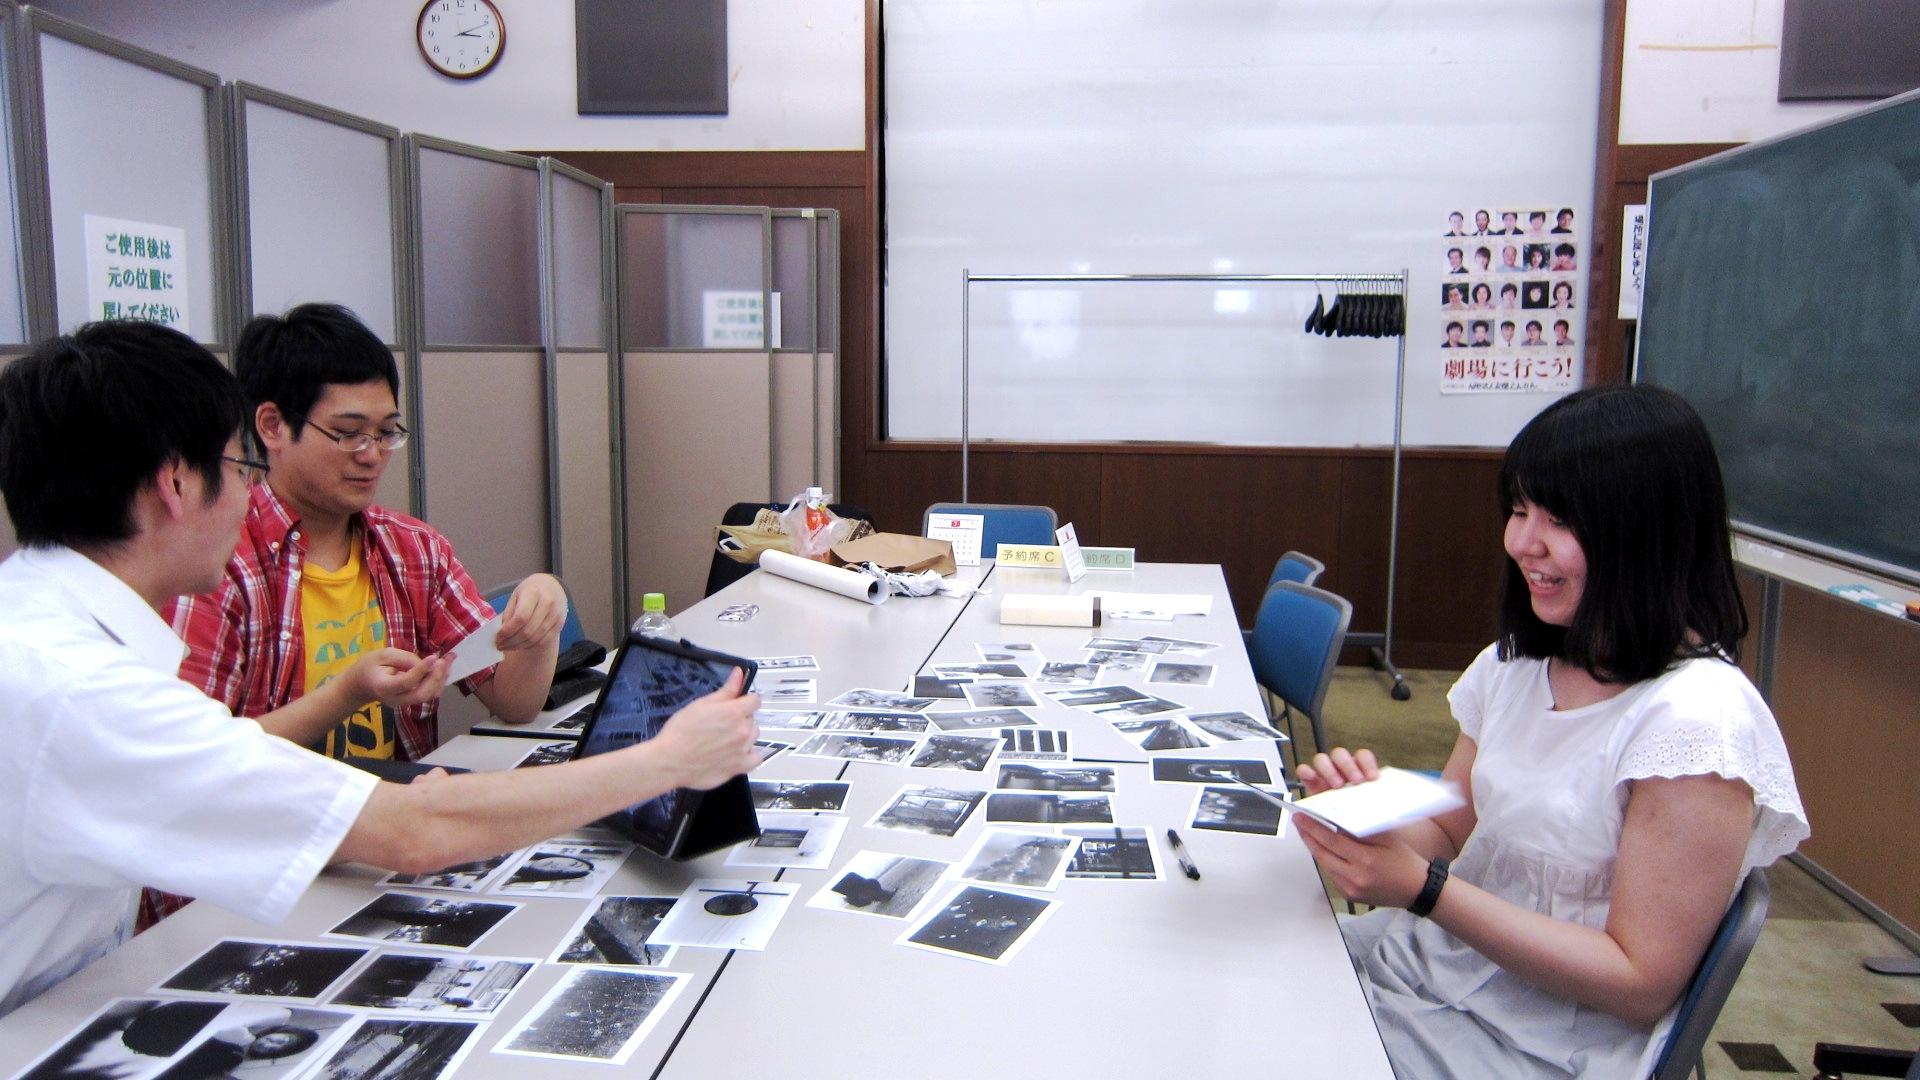 2542)「丸島均と100枚のスナップ写真を見る会 ~篠原奈那子 の場合」かでる2・7 終了/7月9日(土)14:00~_f0126829_1531393.jpg